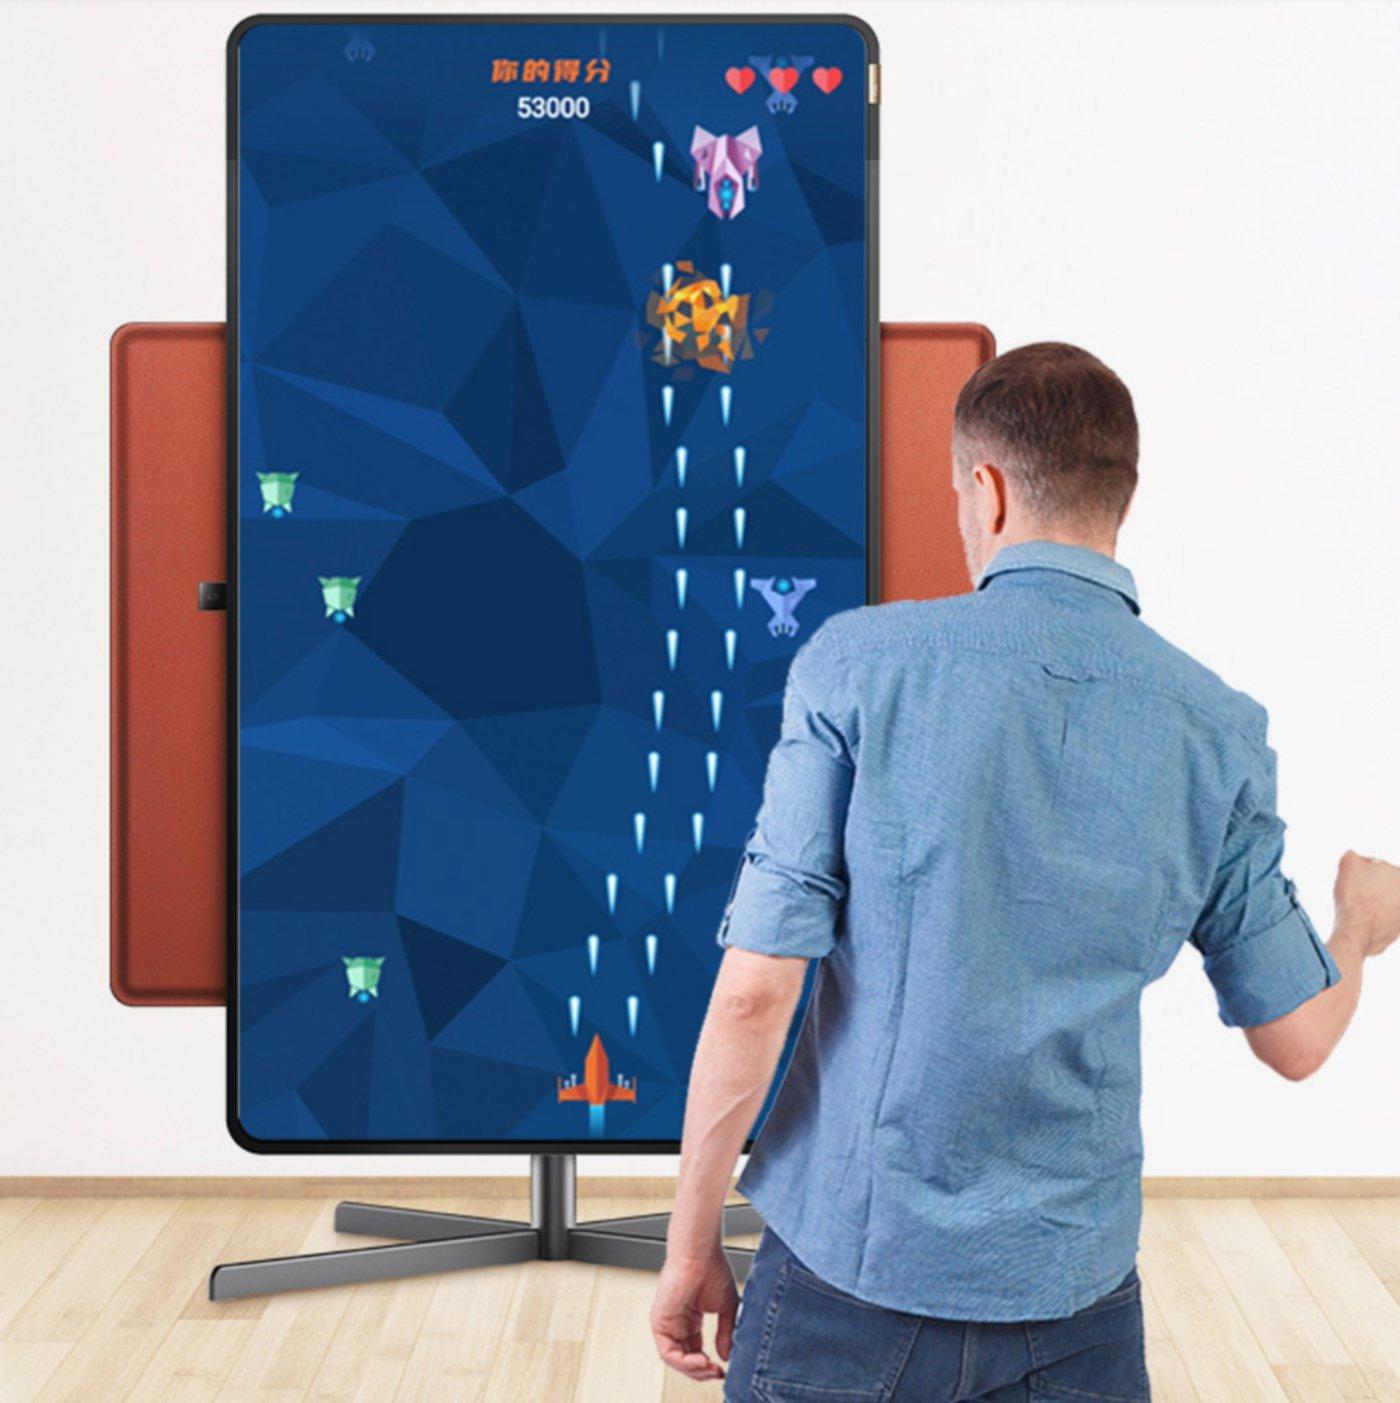 旋转智屏更适用于游戏场景